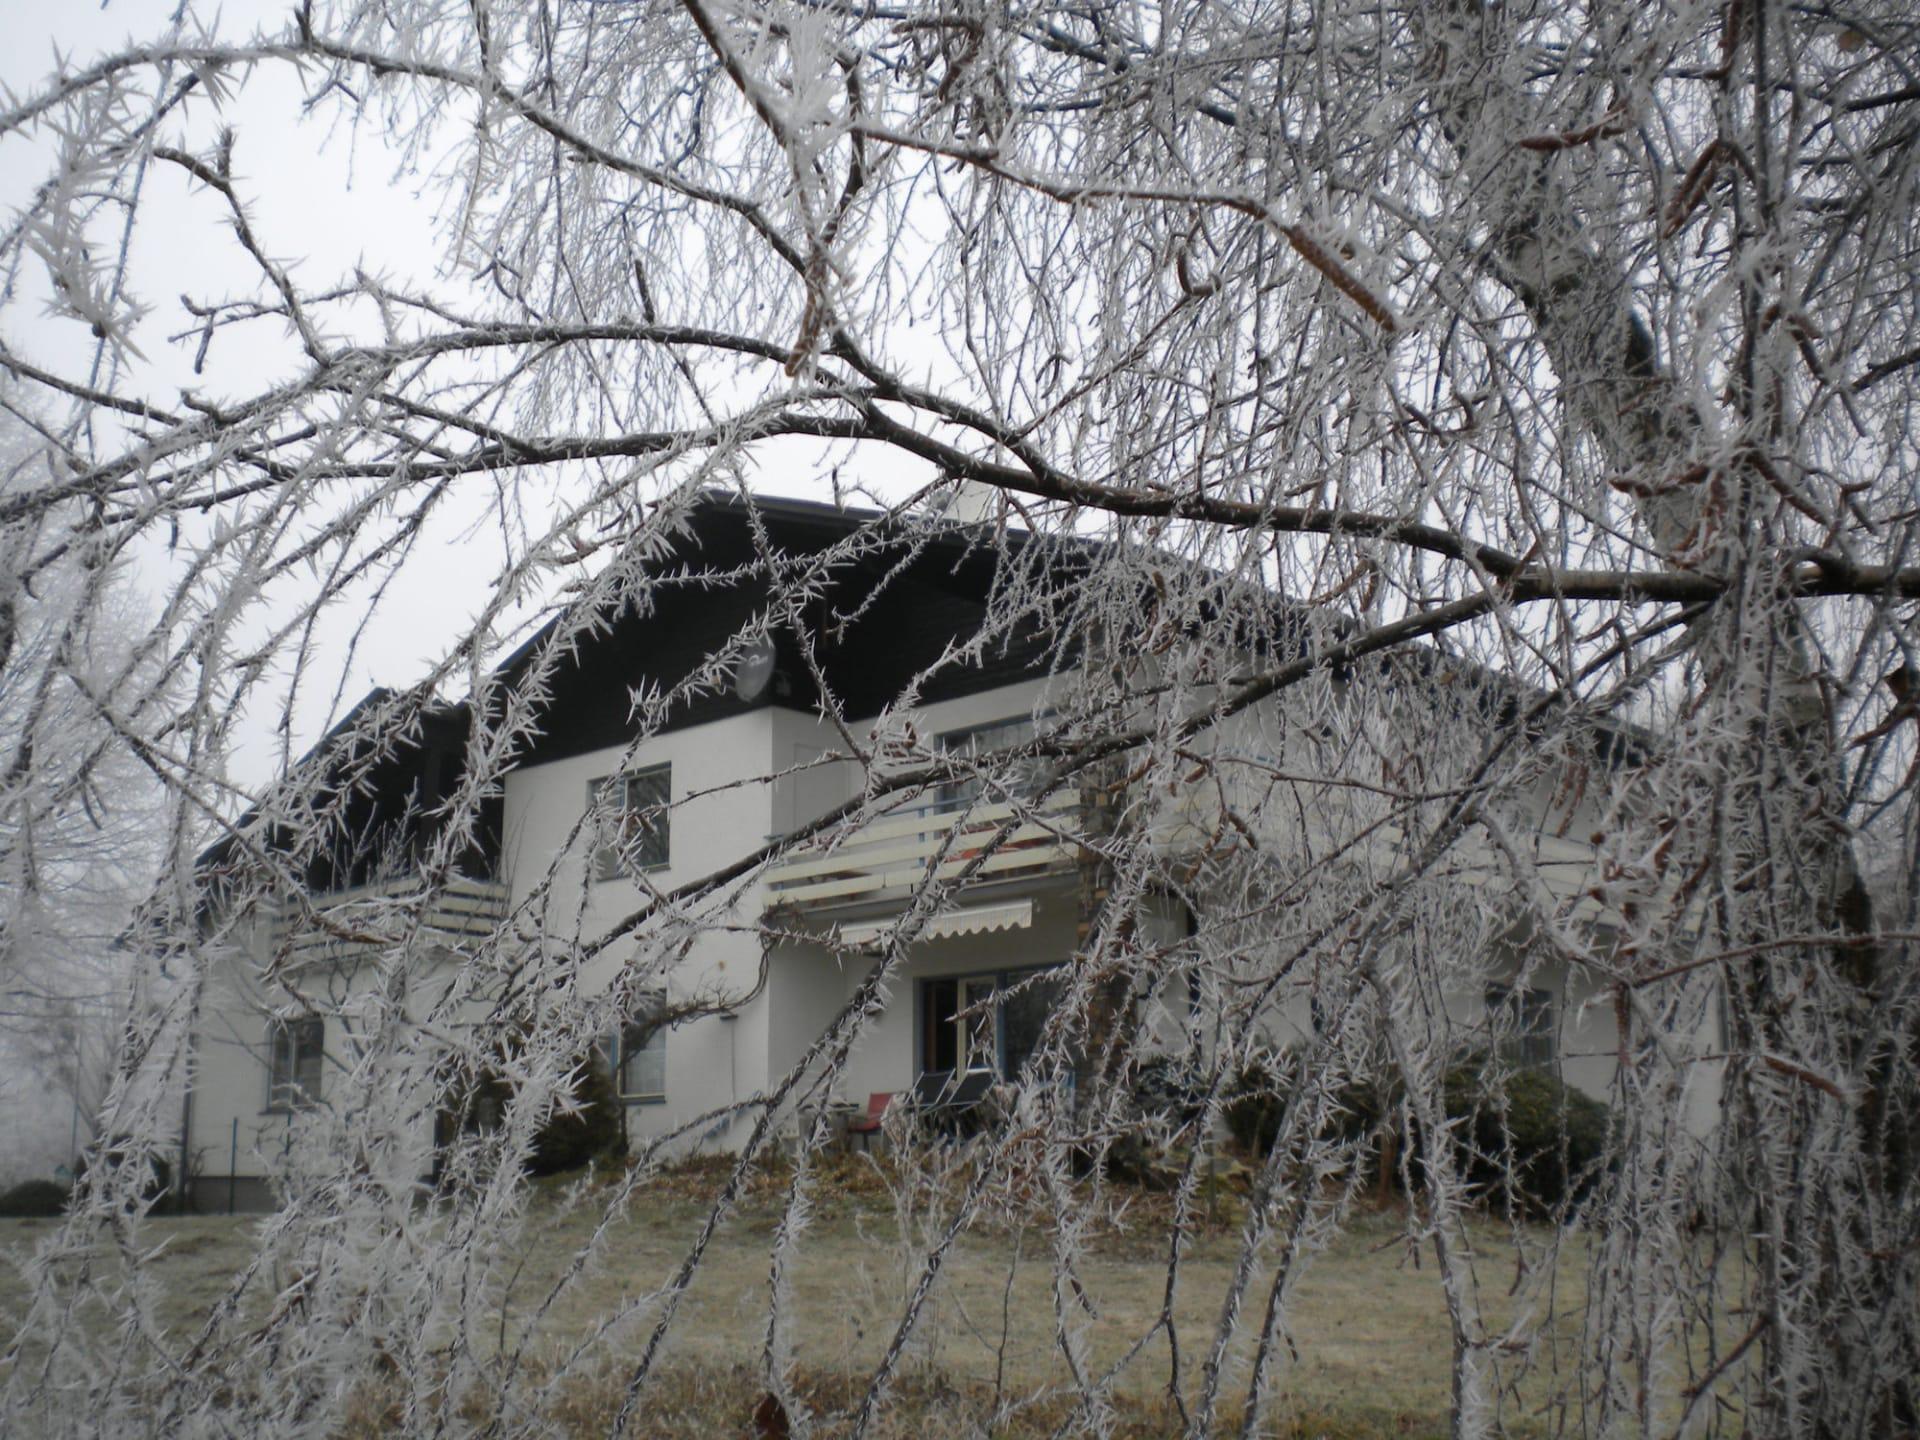 Gästezimmer Weiß - Haus im Winter